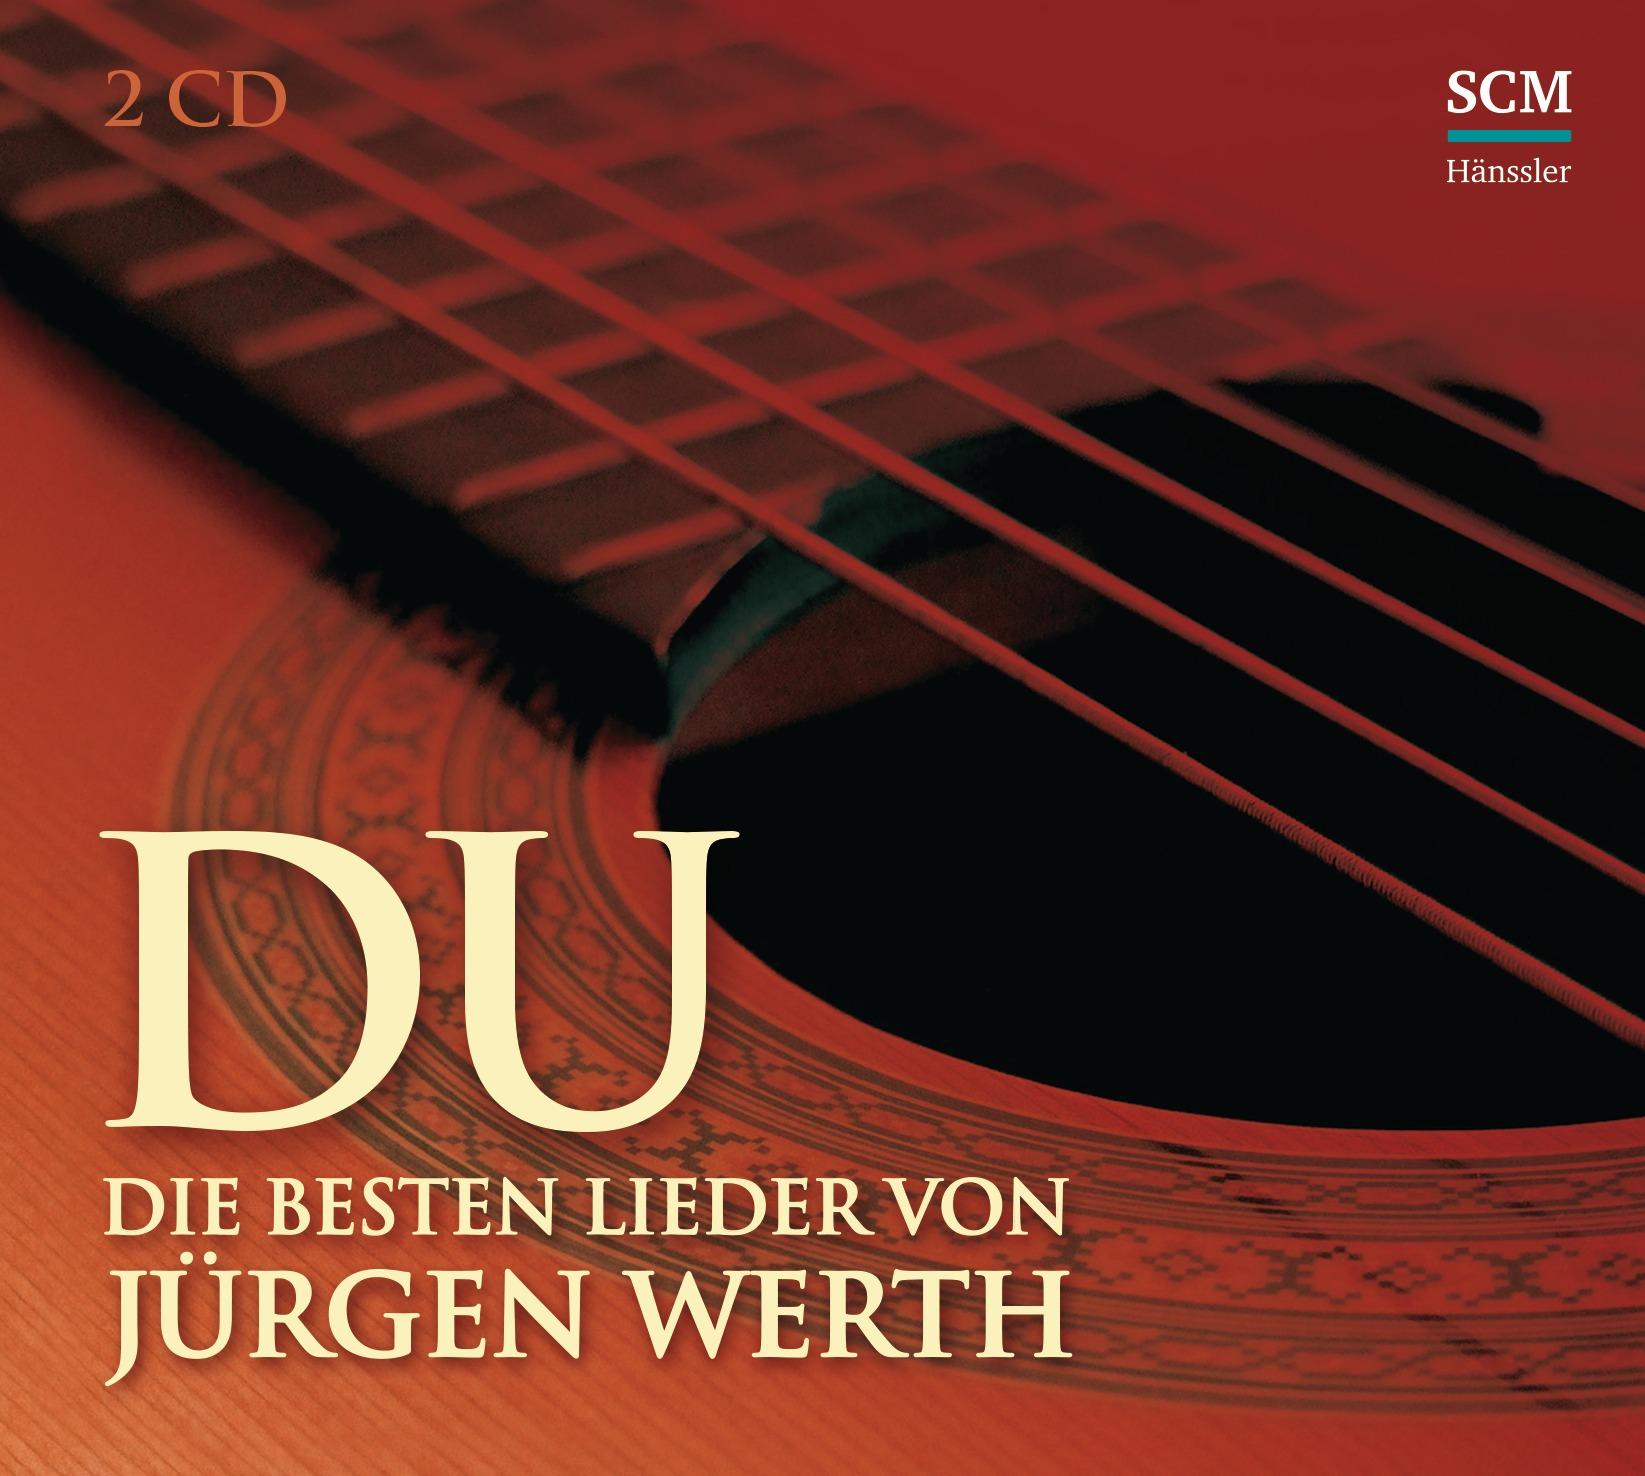 Du, Jürgen Werth